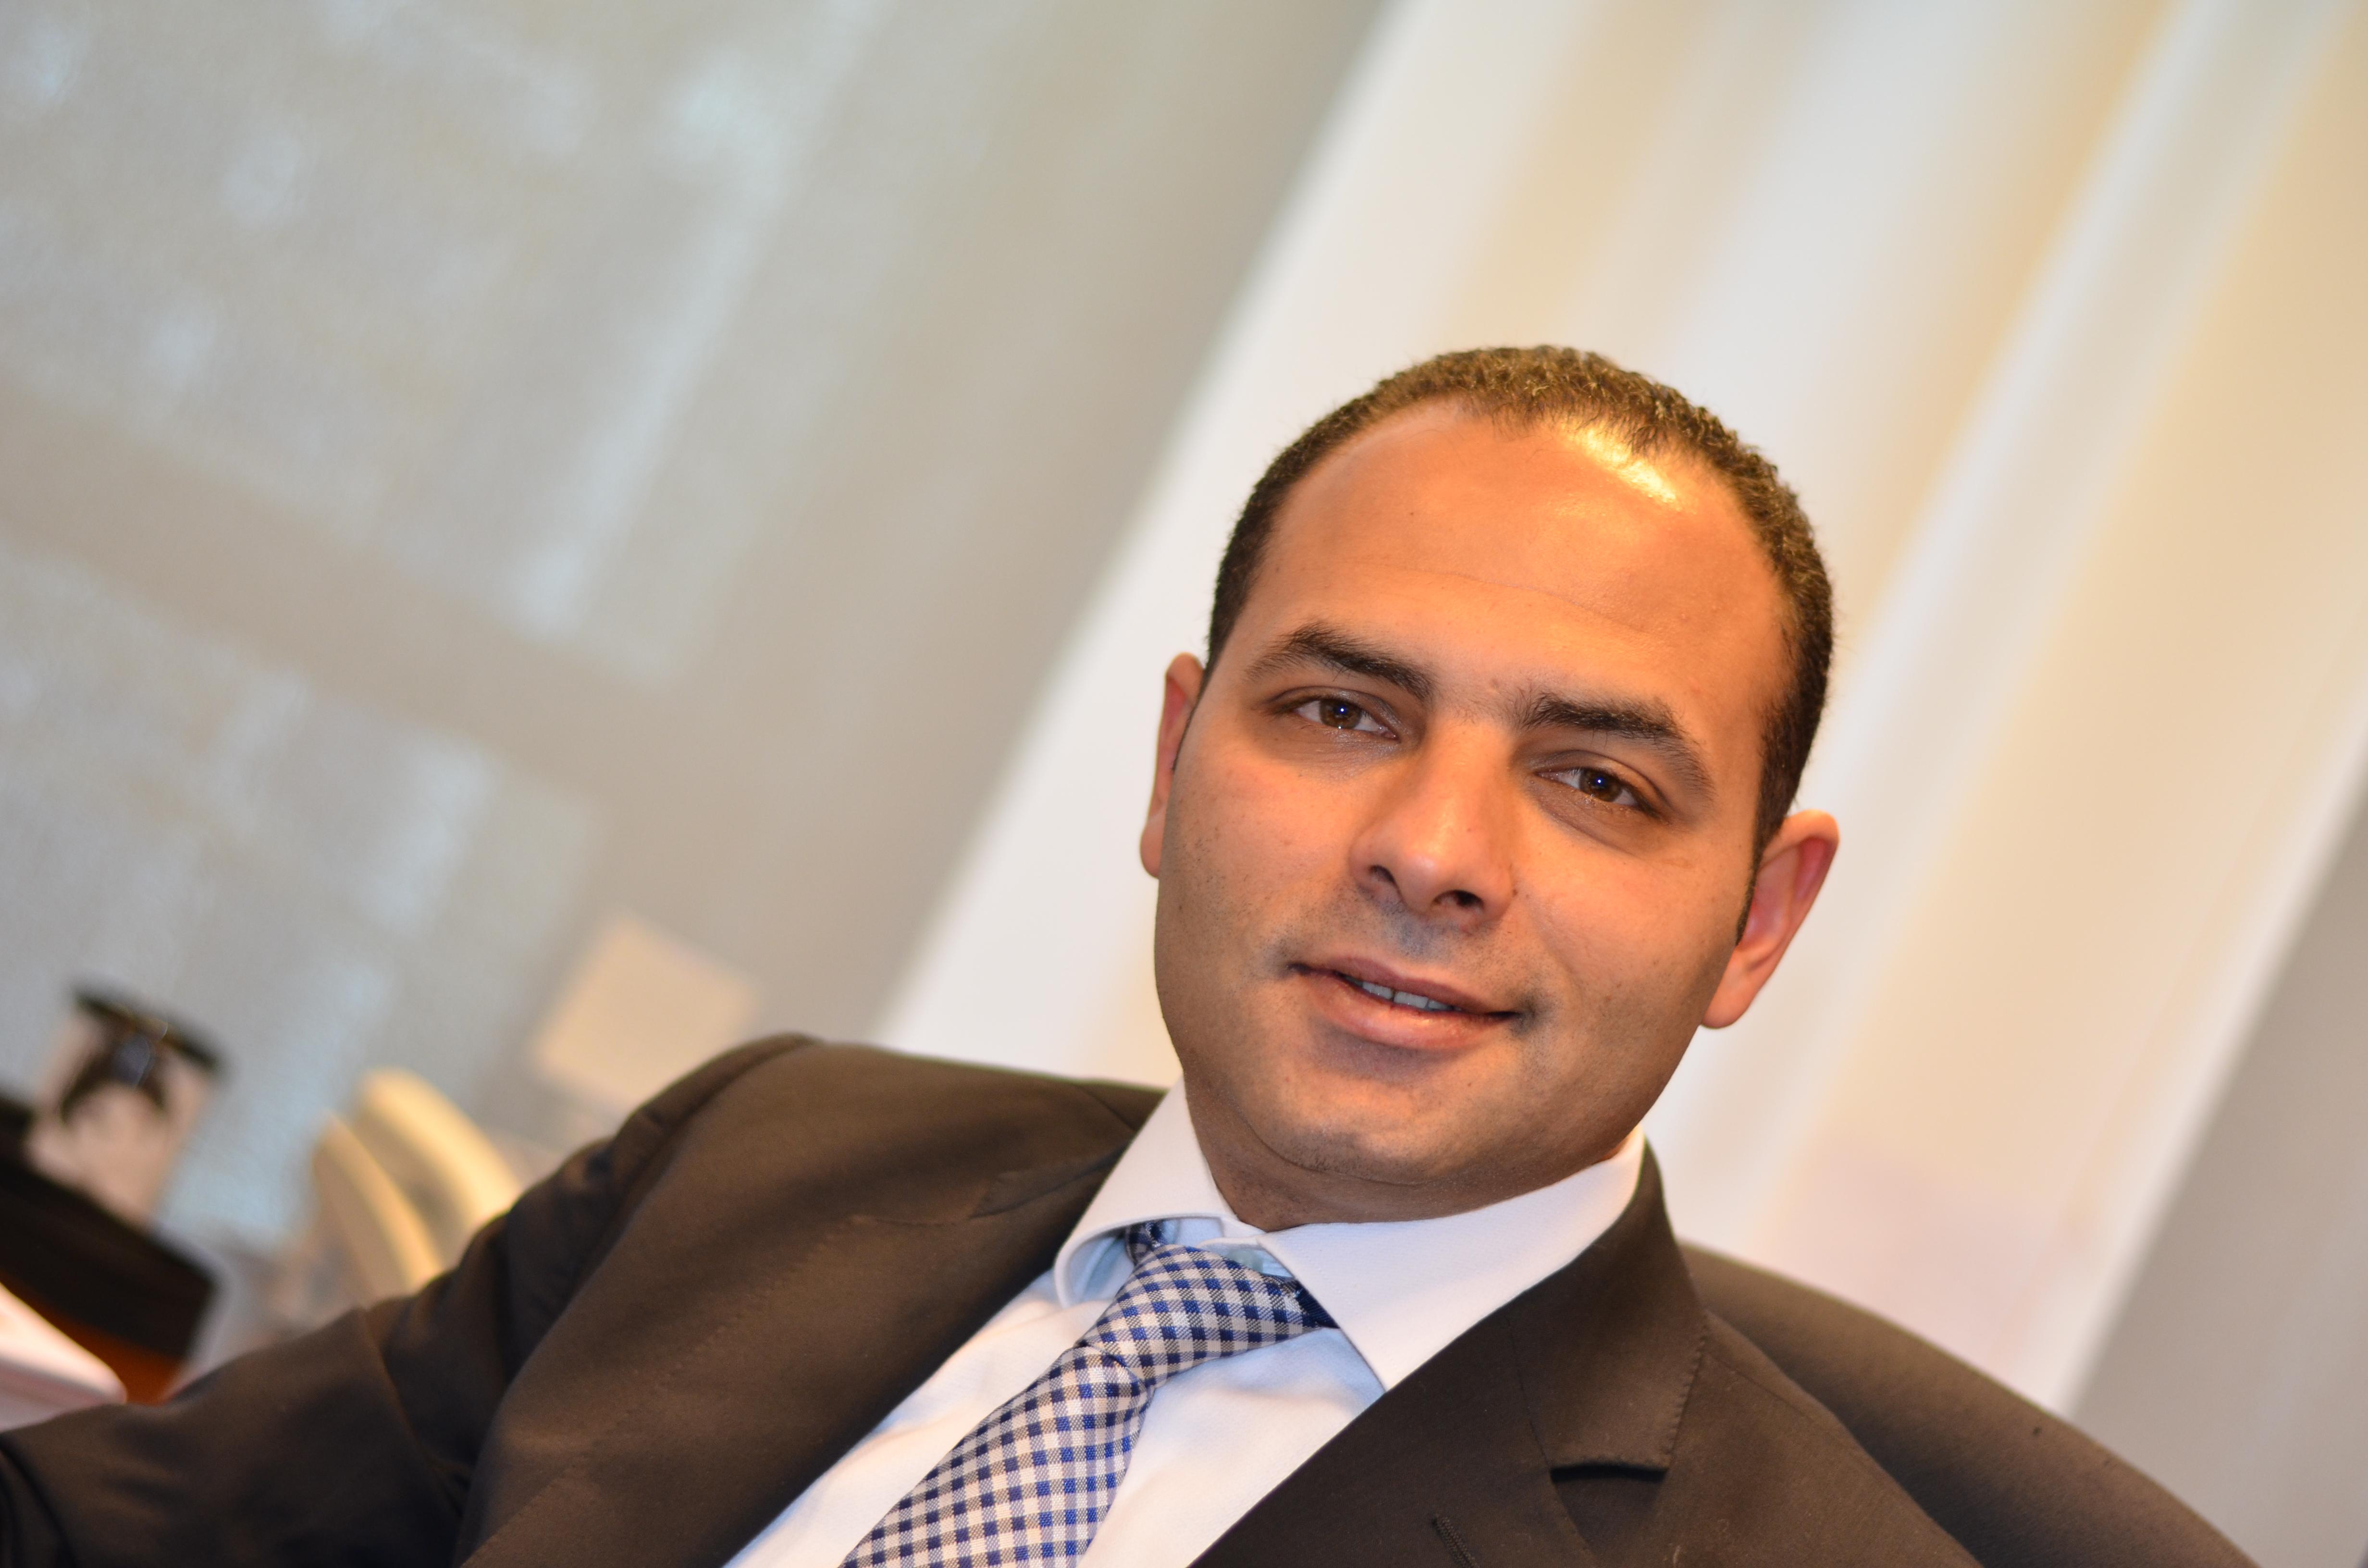 Ahmed Abou El Saad